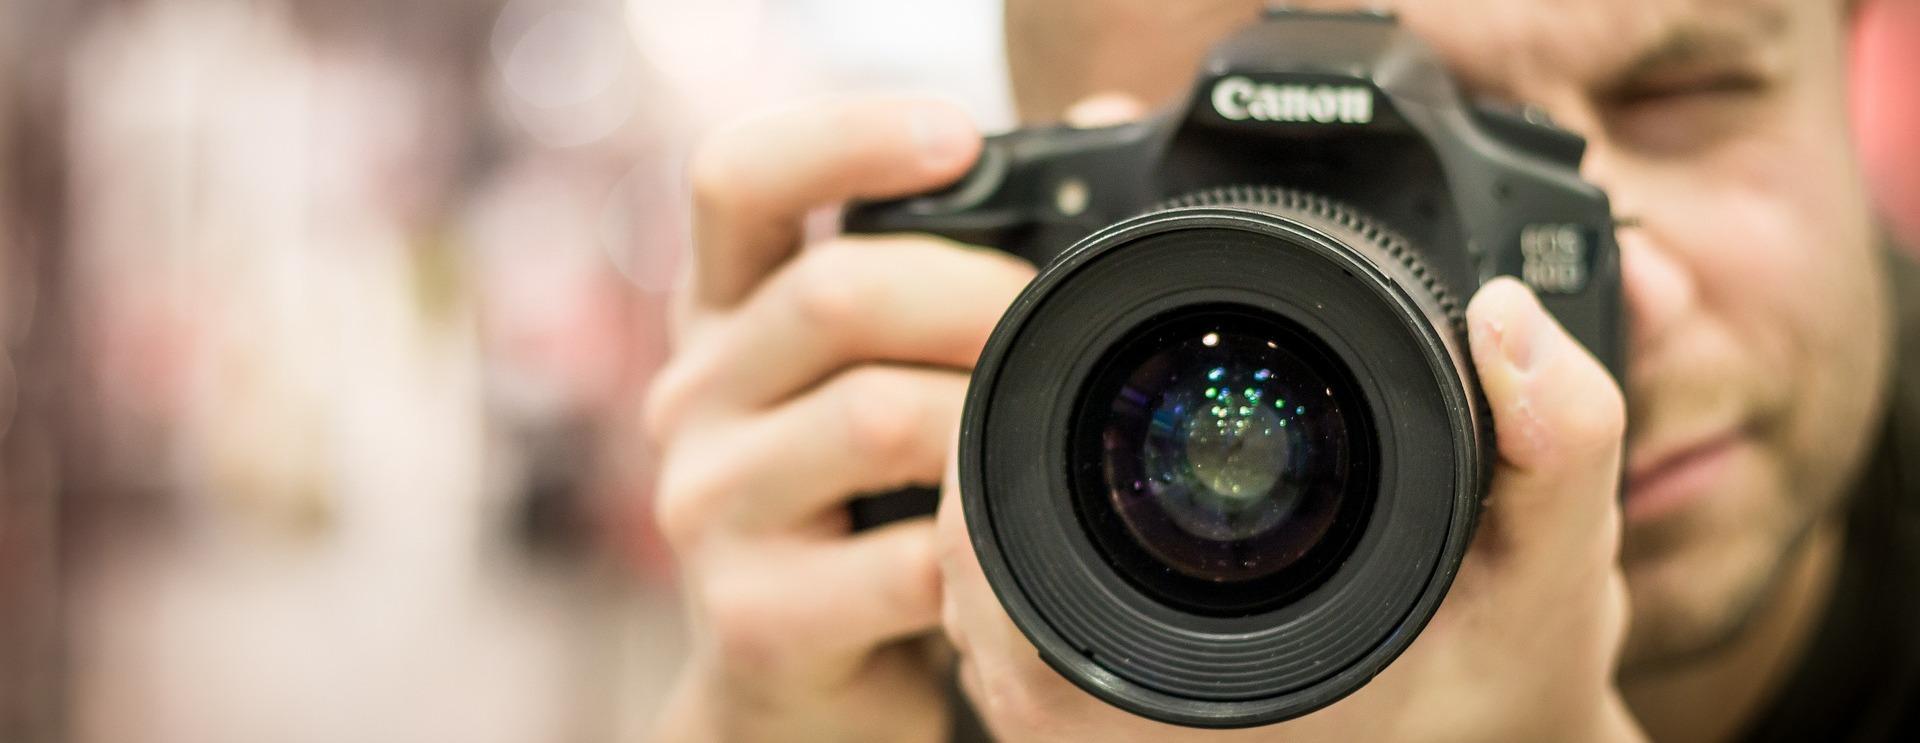 Woning Fotograaf » Snel Je Huis Verkopen (+Diréct Geld)